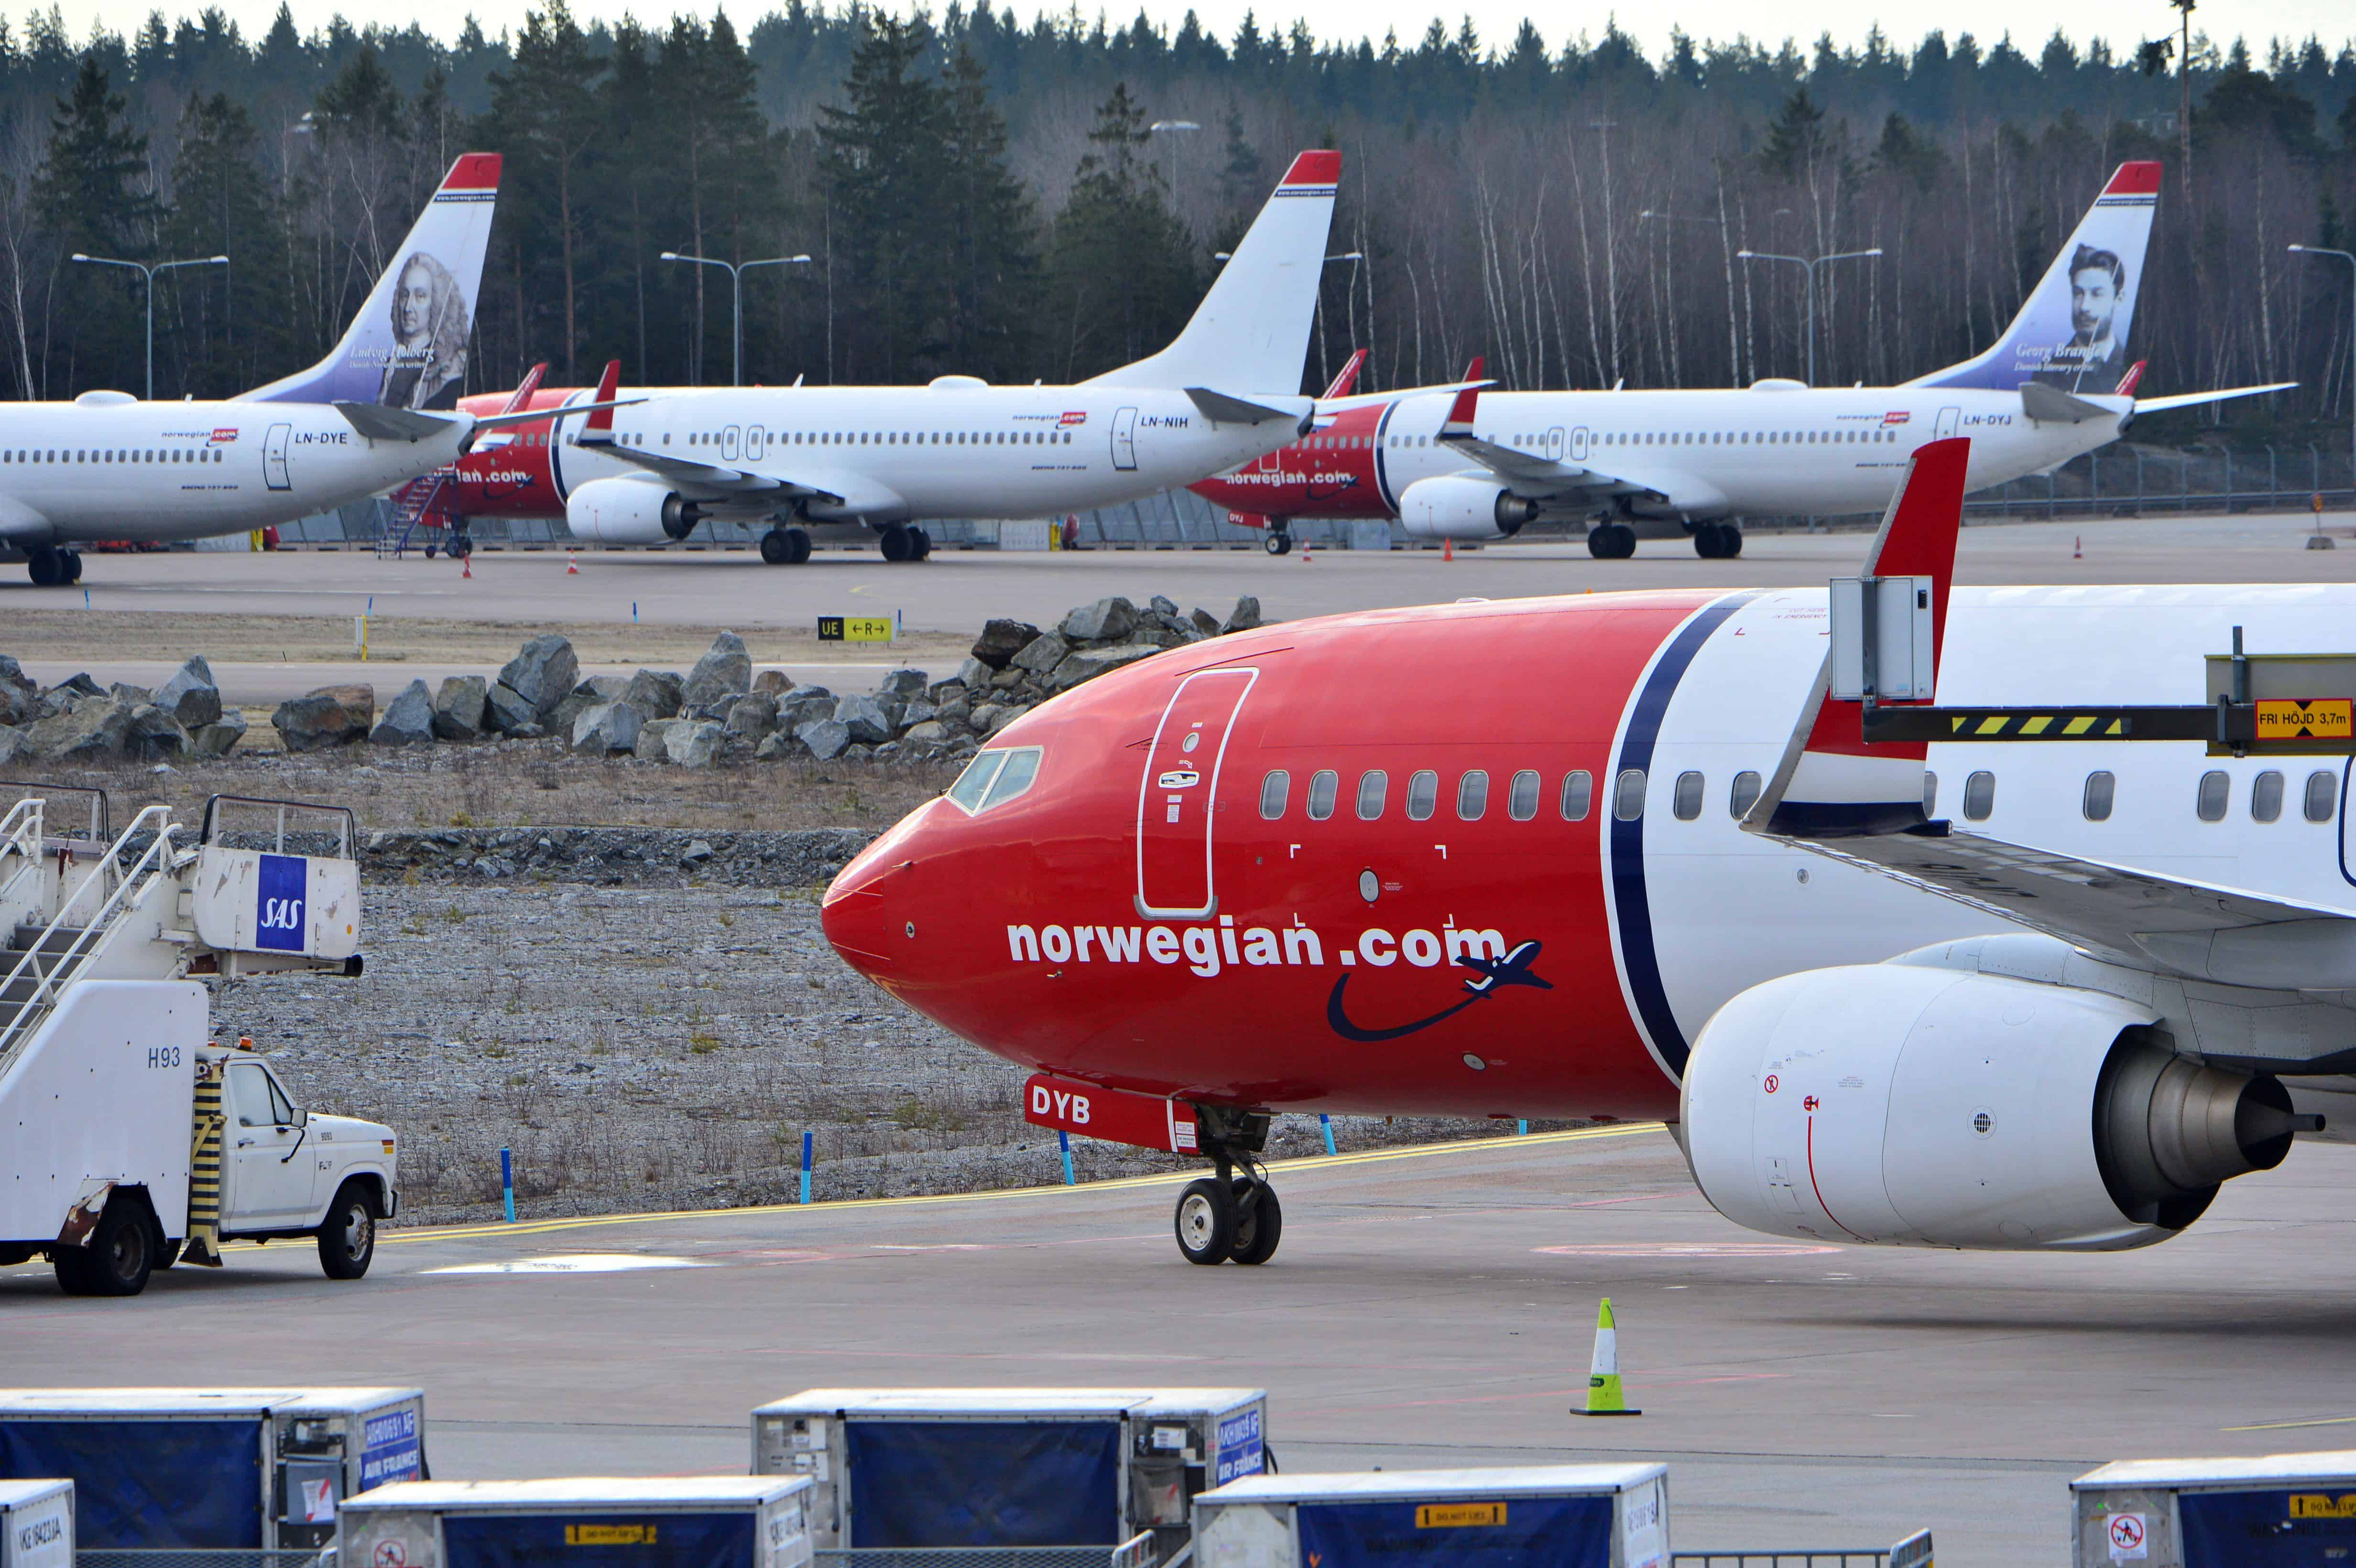 Vliegtuigen van Norwegian staan naast elkaar.